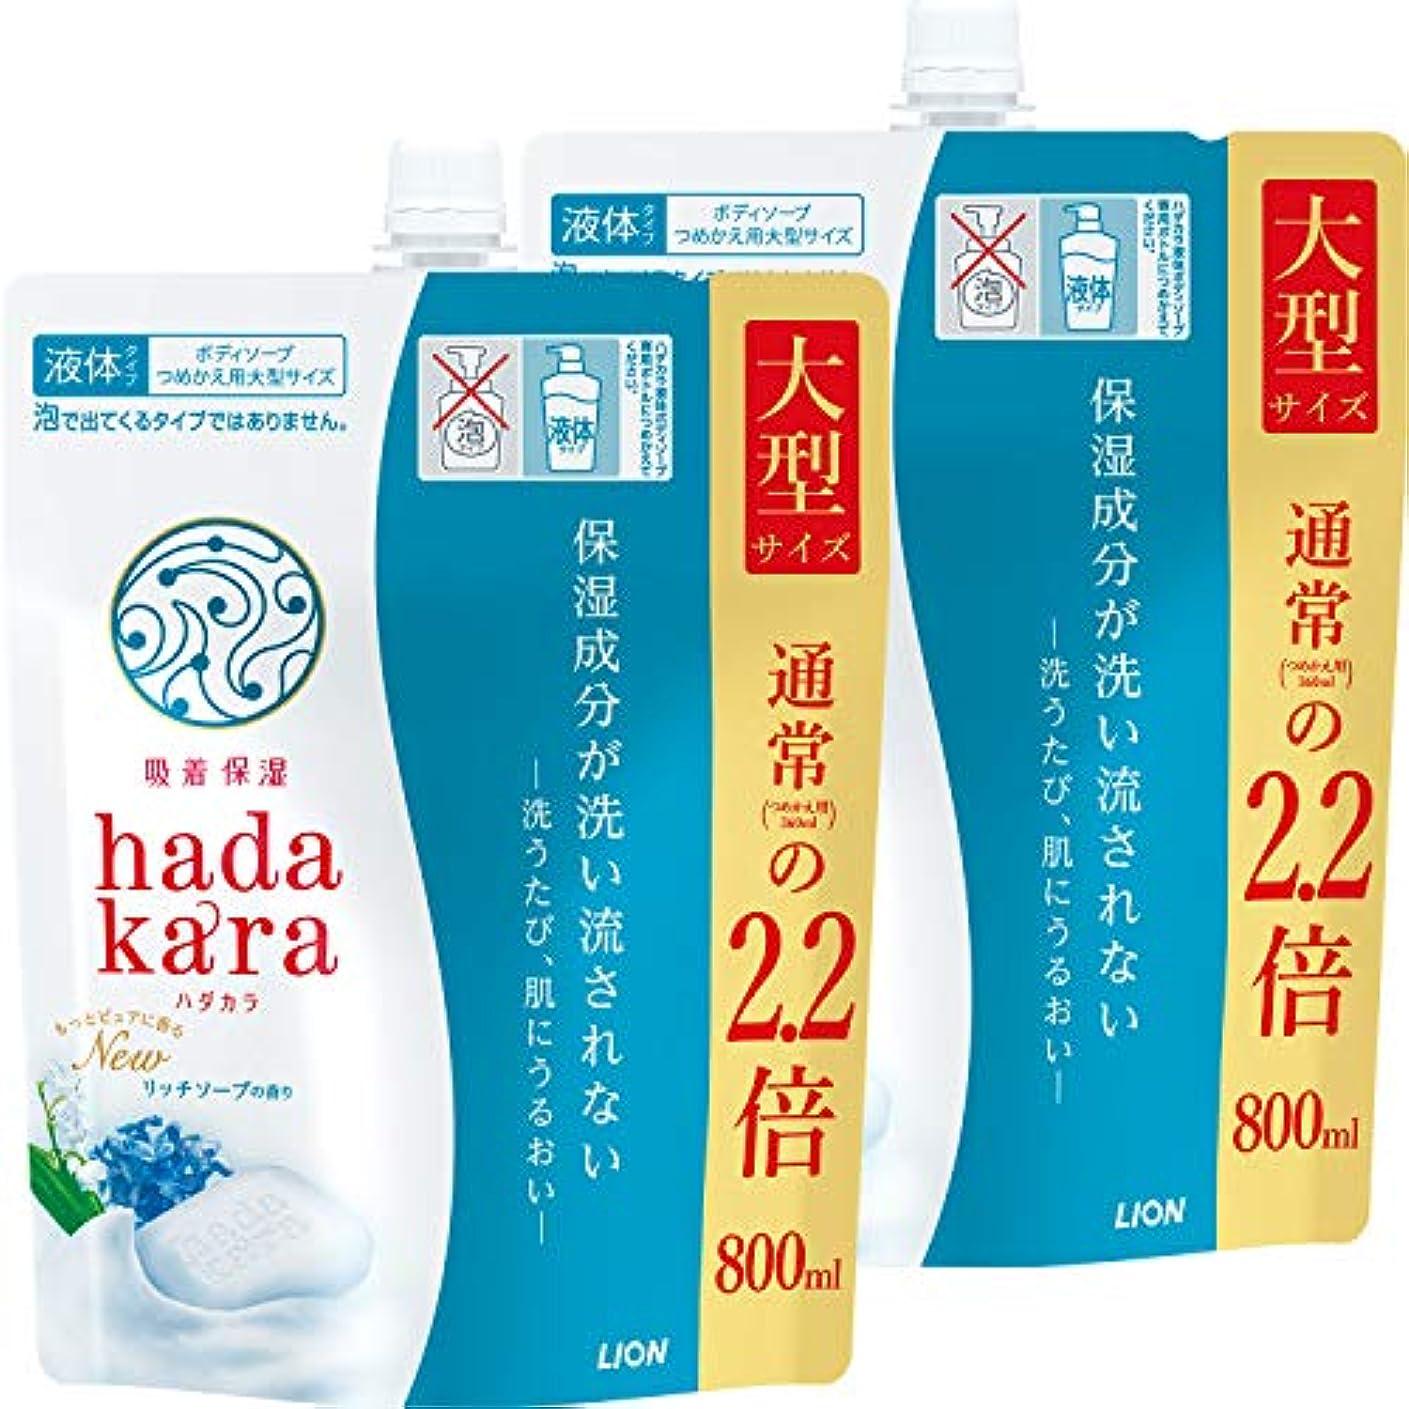 バンジョー平日石のhadakara(ハダカラ) ボディソープ リッチソープの香り つめかえ用大型サイズ 800ml×2個